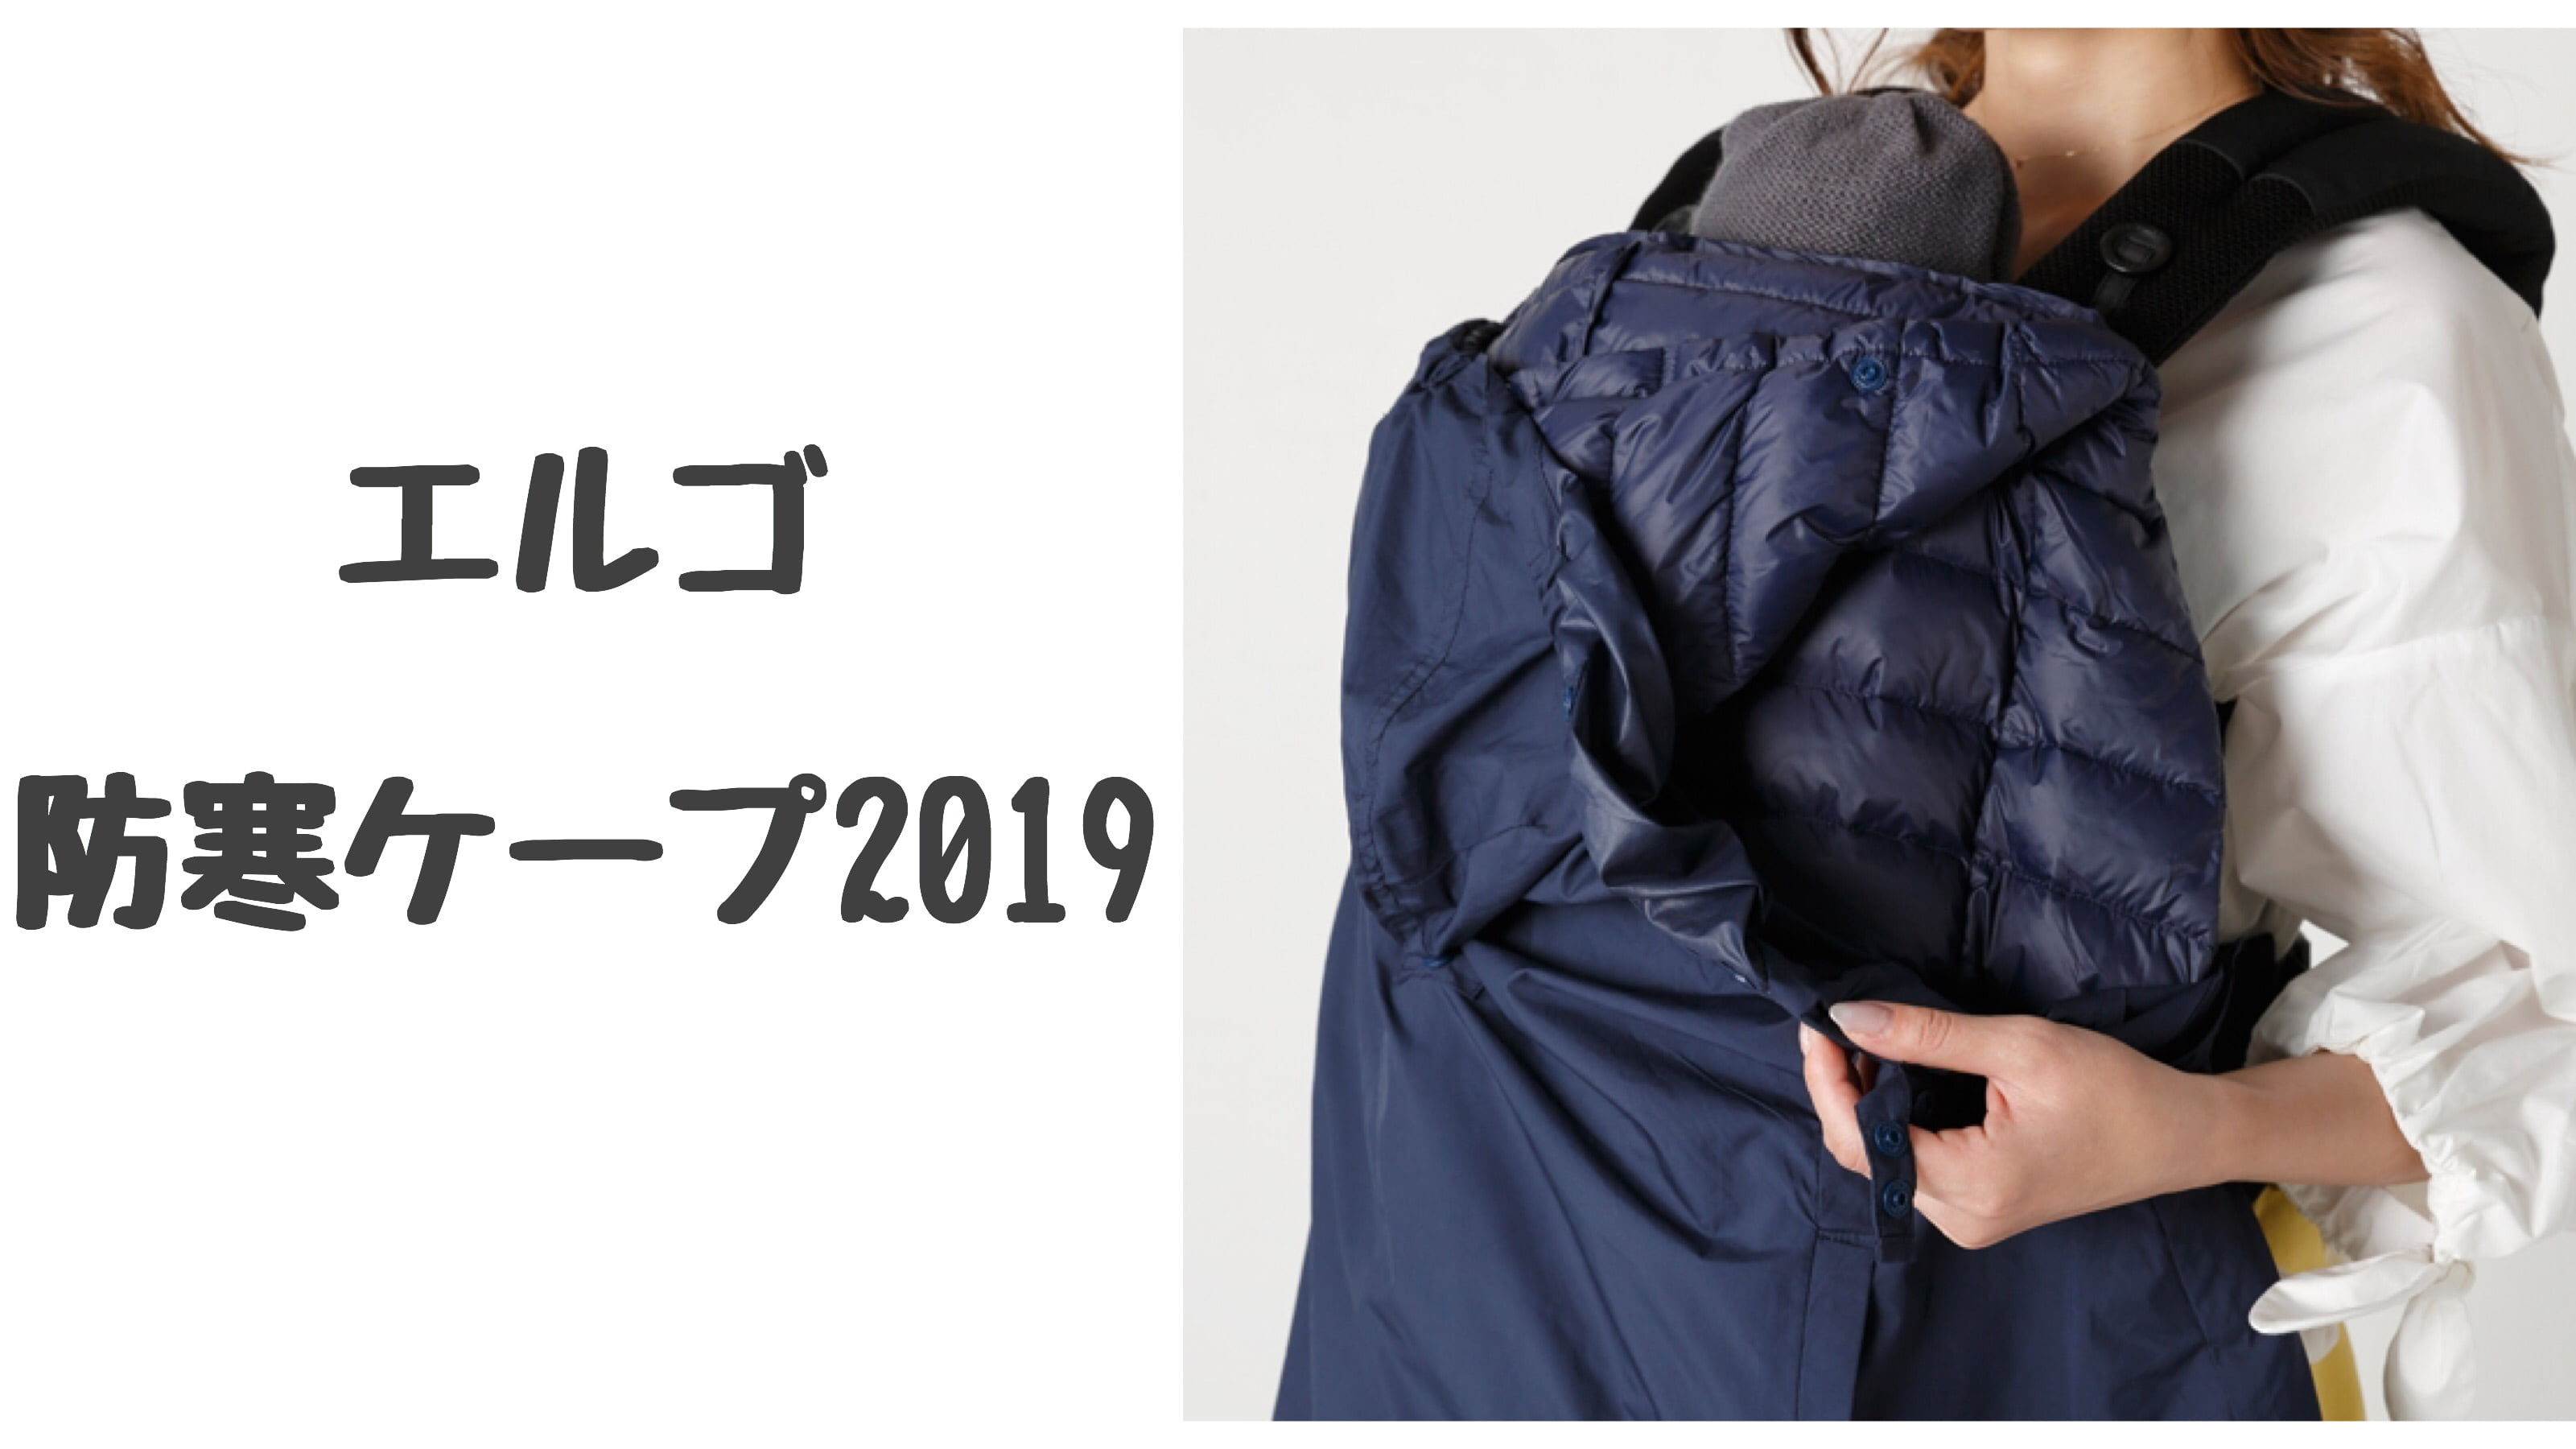 【2019年】エルゴベビー防寒ケープの種類と付け方・使い方